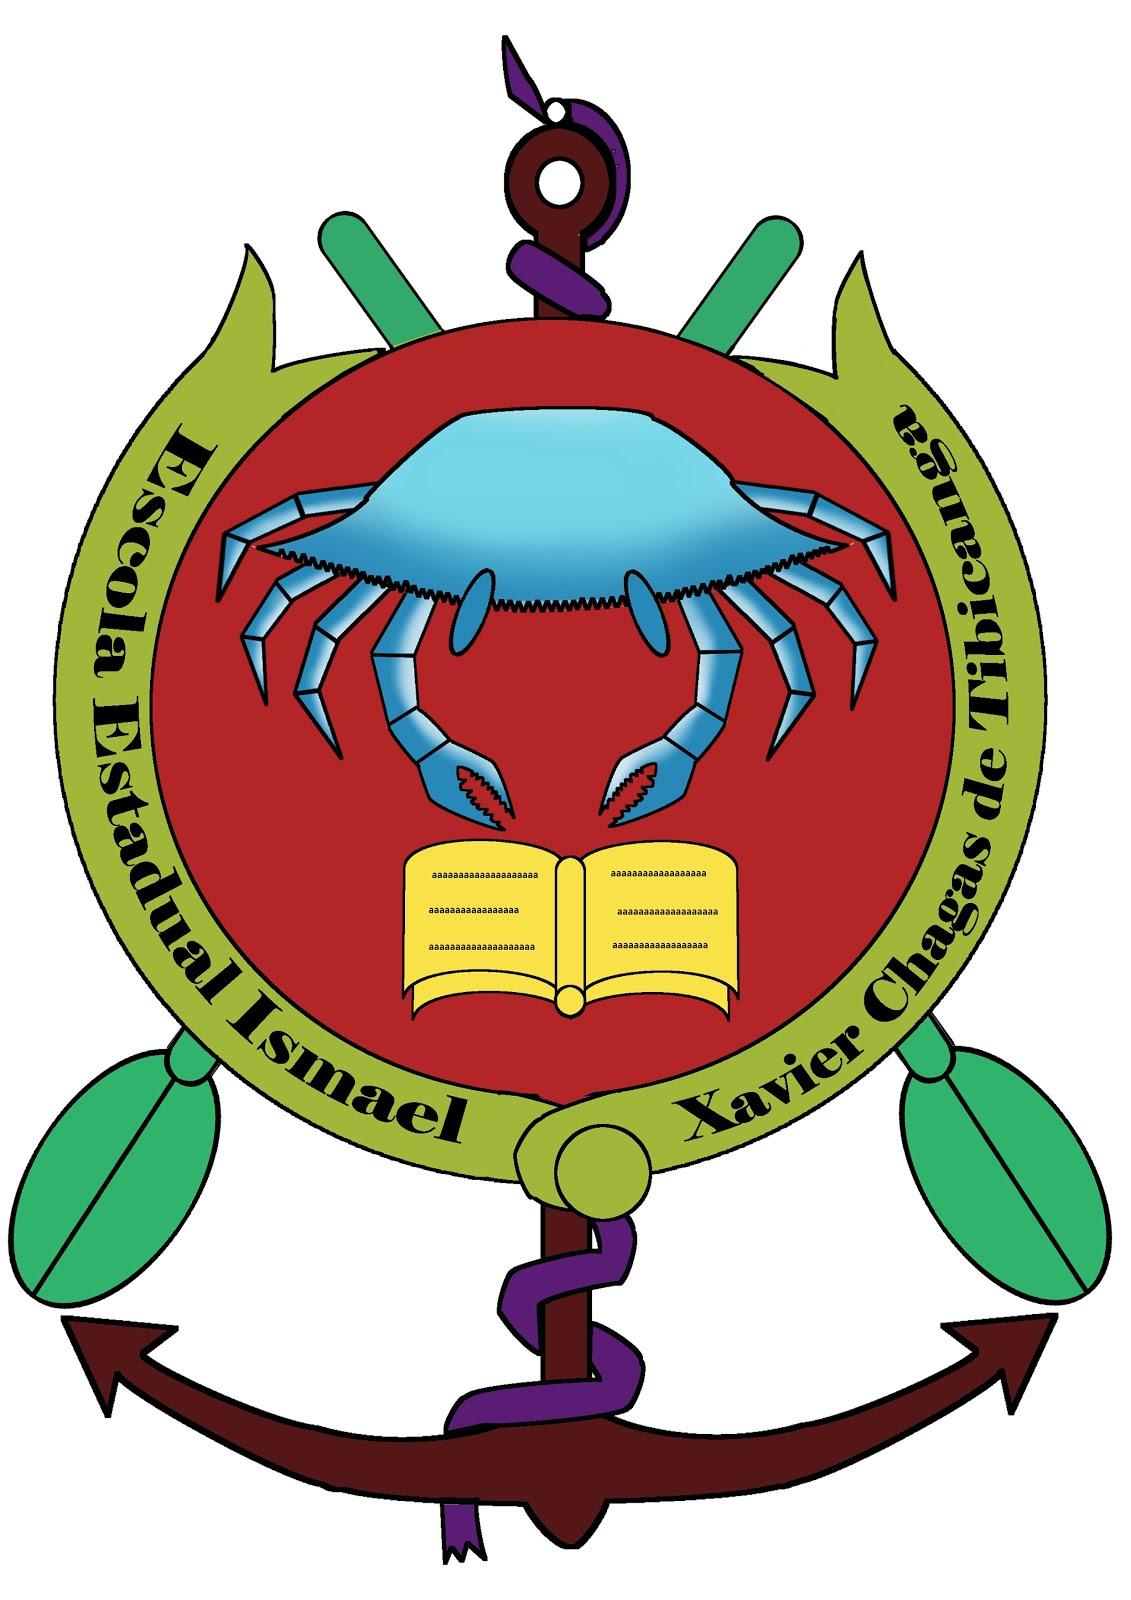 Colégio Estadual do Campo Ismael Xavier Chagas de Tibicanga